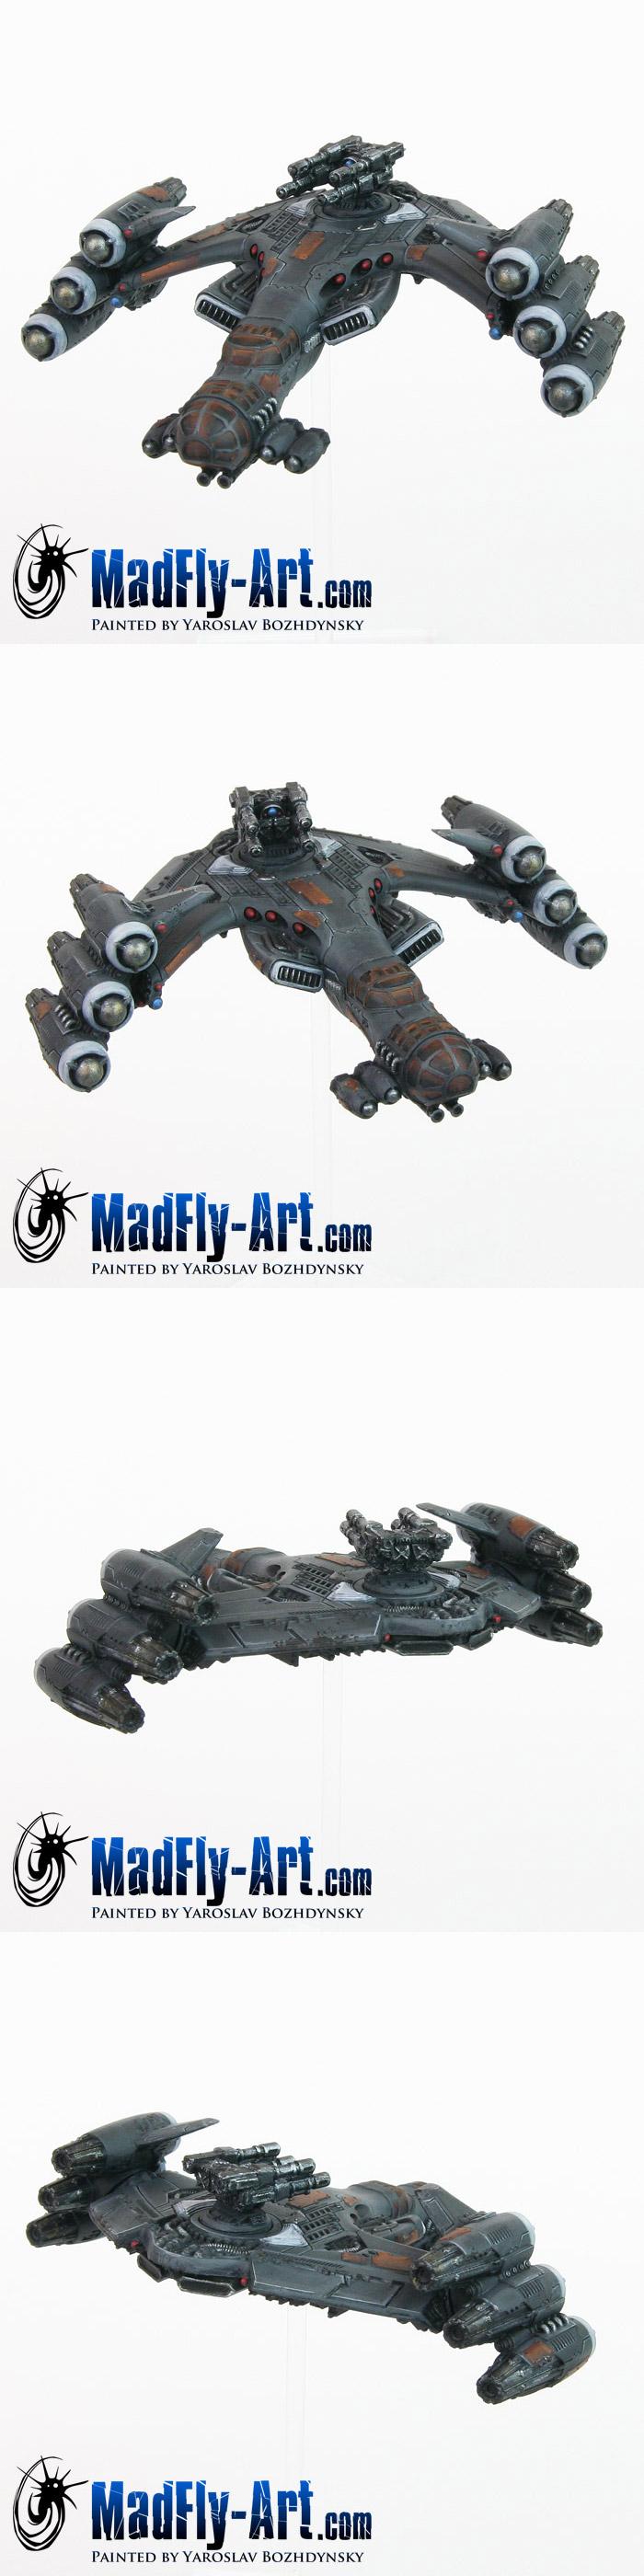 Lifthawk Drophip